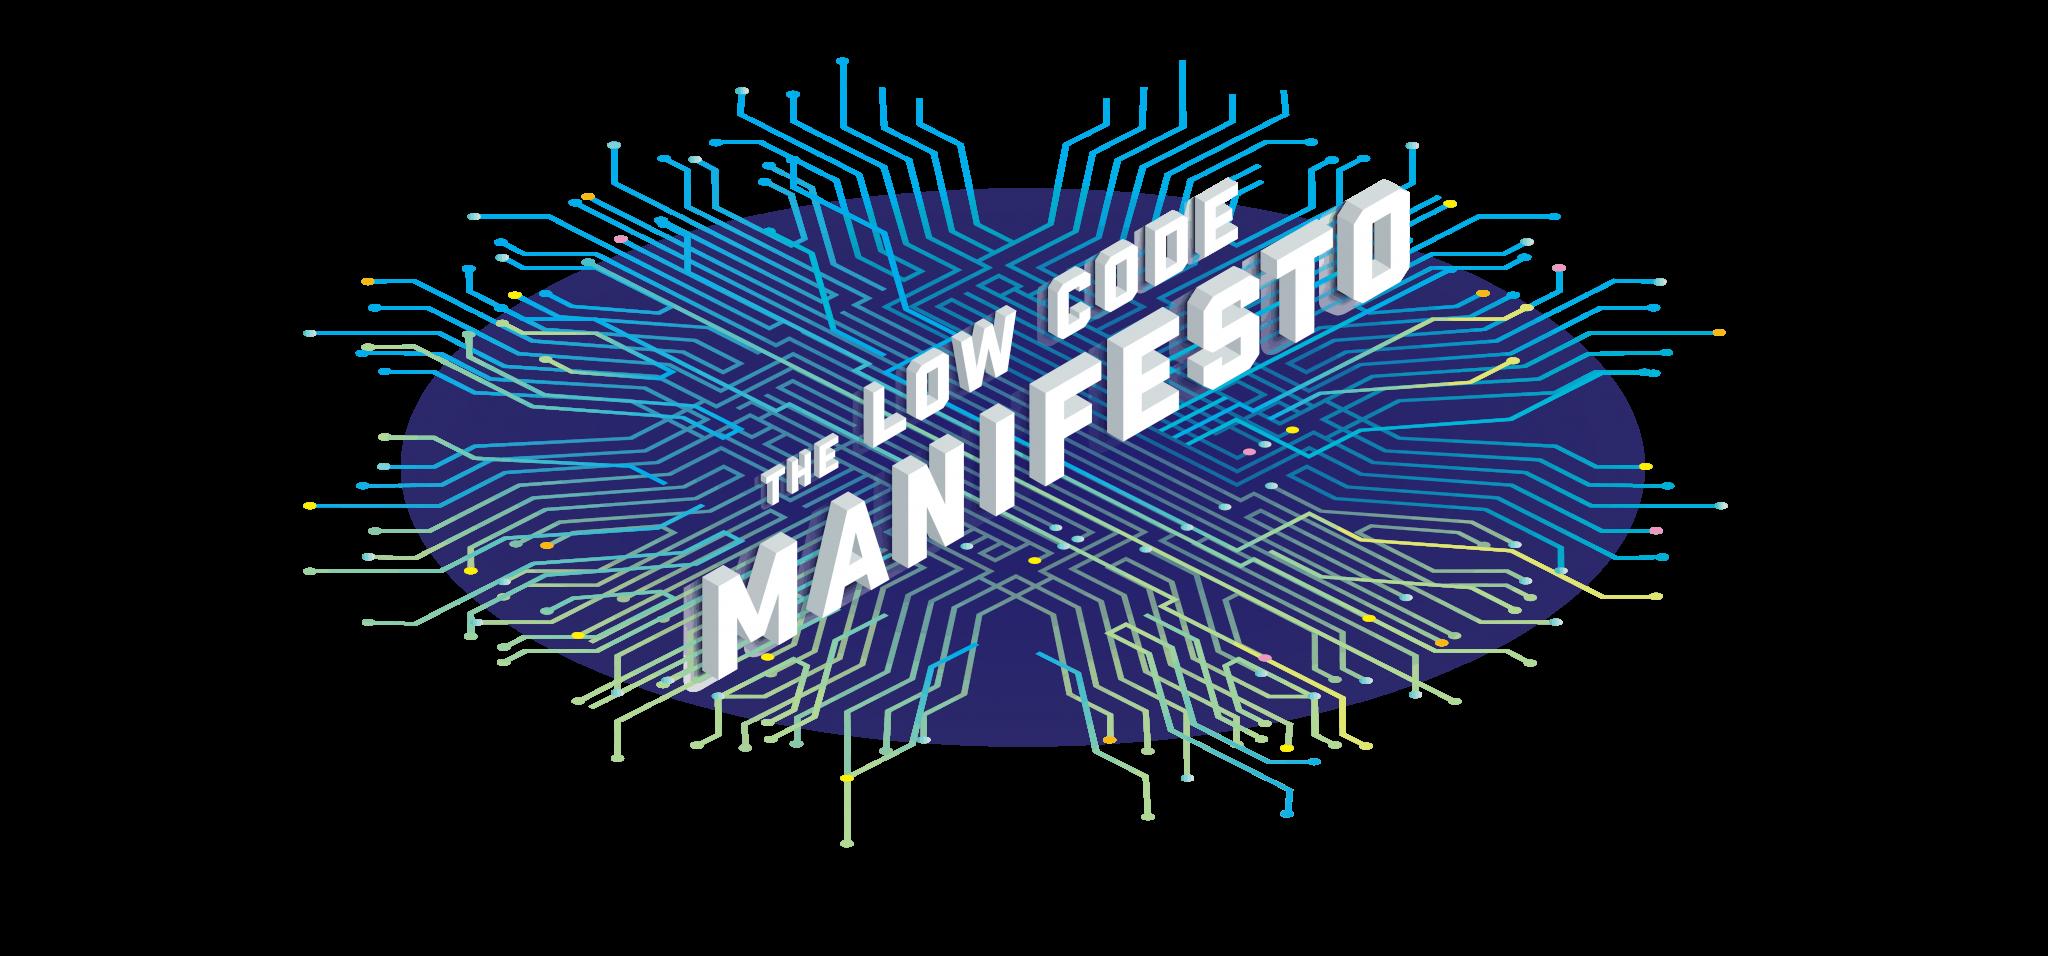 mendix, go make it, low code, low code app development, low code application development, mendix logo, low code manifesto